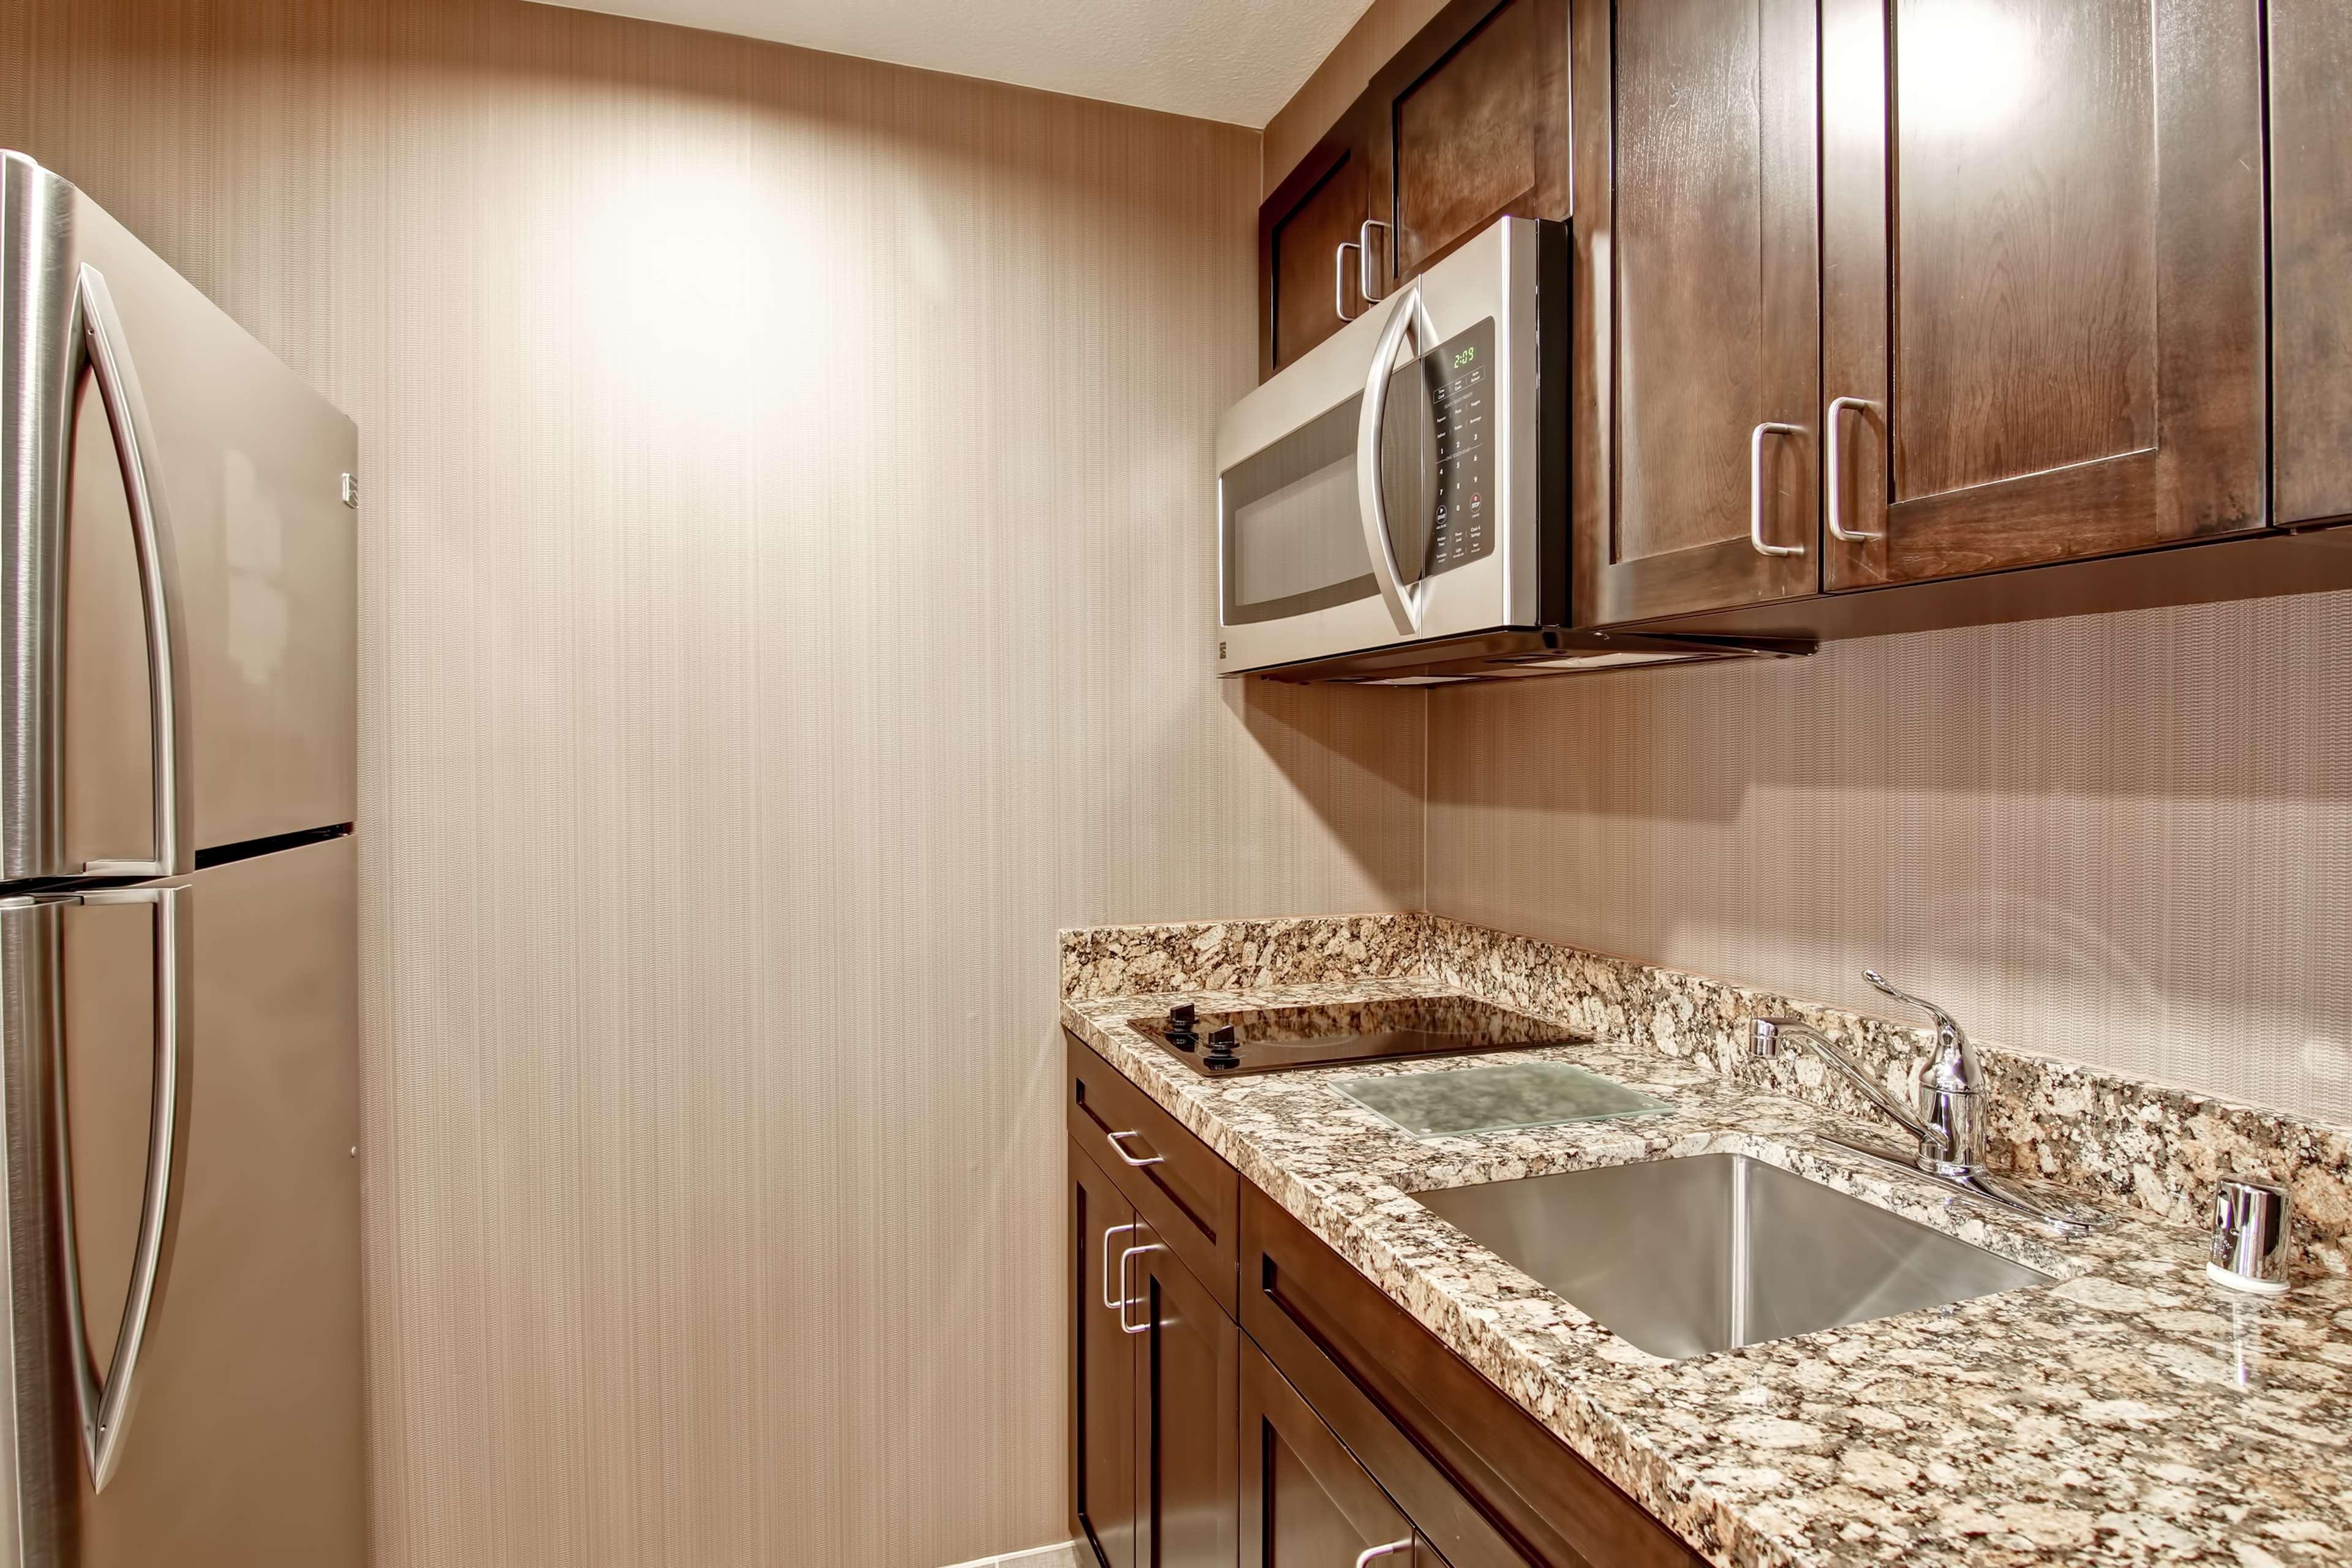 Homewood Suites by Hilton Palo Alto image 28